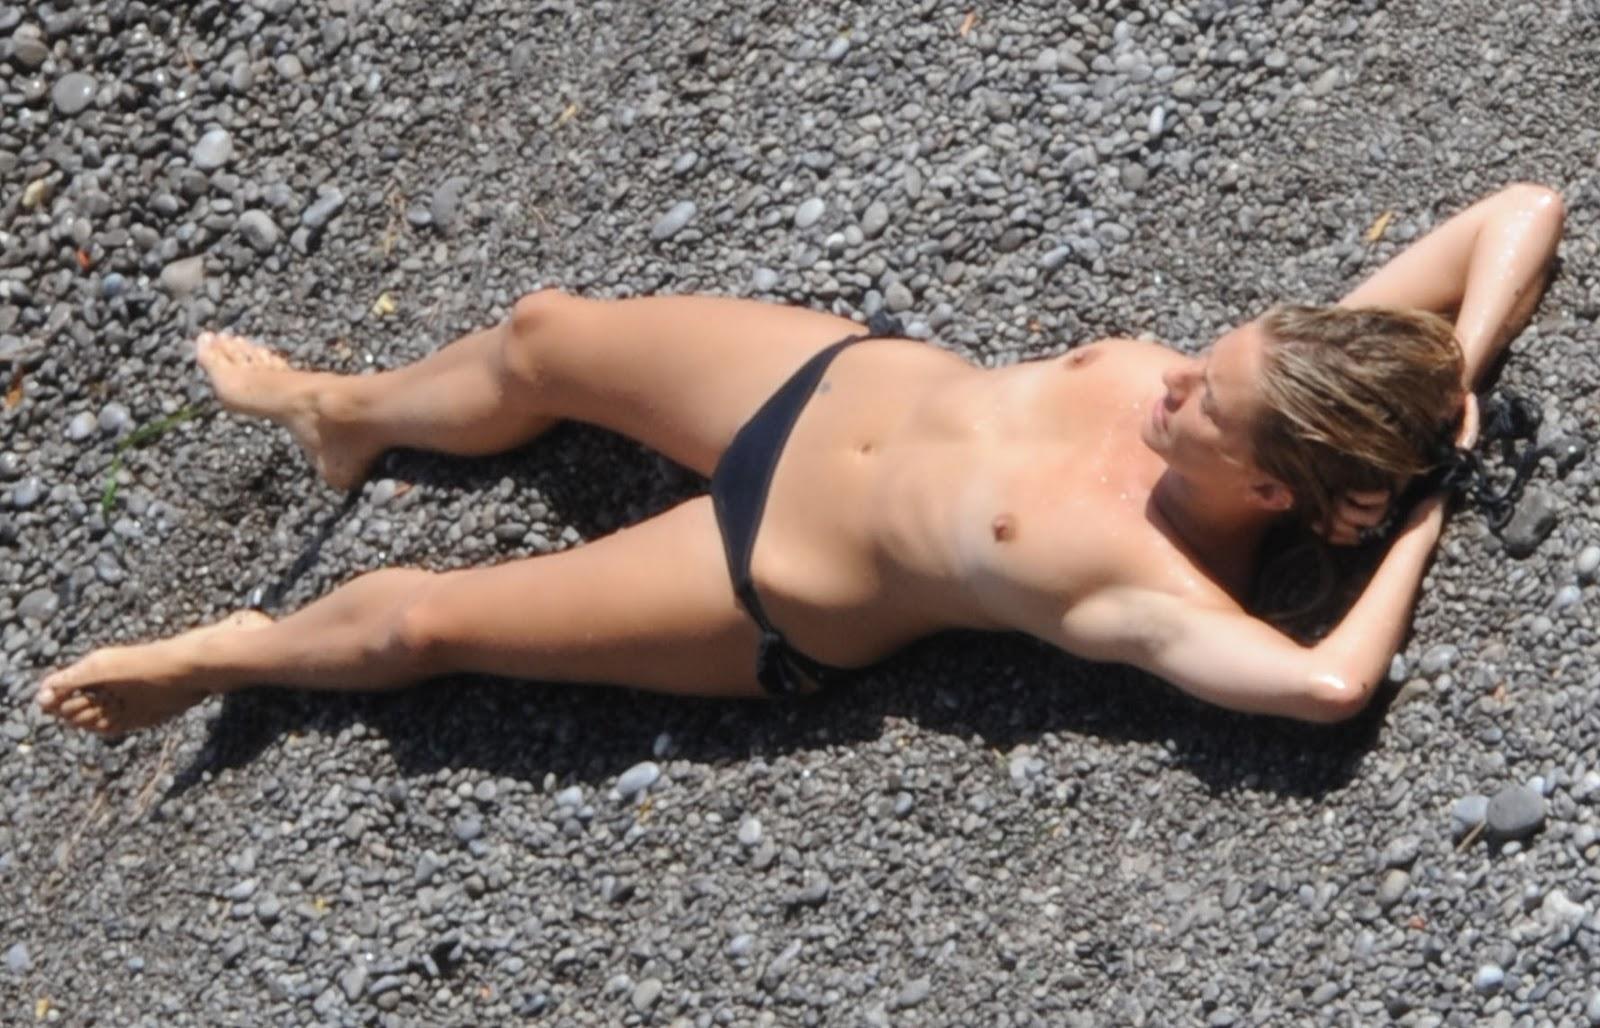 http://1.bp.blogspot.com/_pGTlBw_z2AM/TKhQDpsdDRI/AAAAAAAAAsA/jIyqyuEOvOQ/s1600/sienna-miller-topless--2-08.jpg